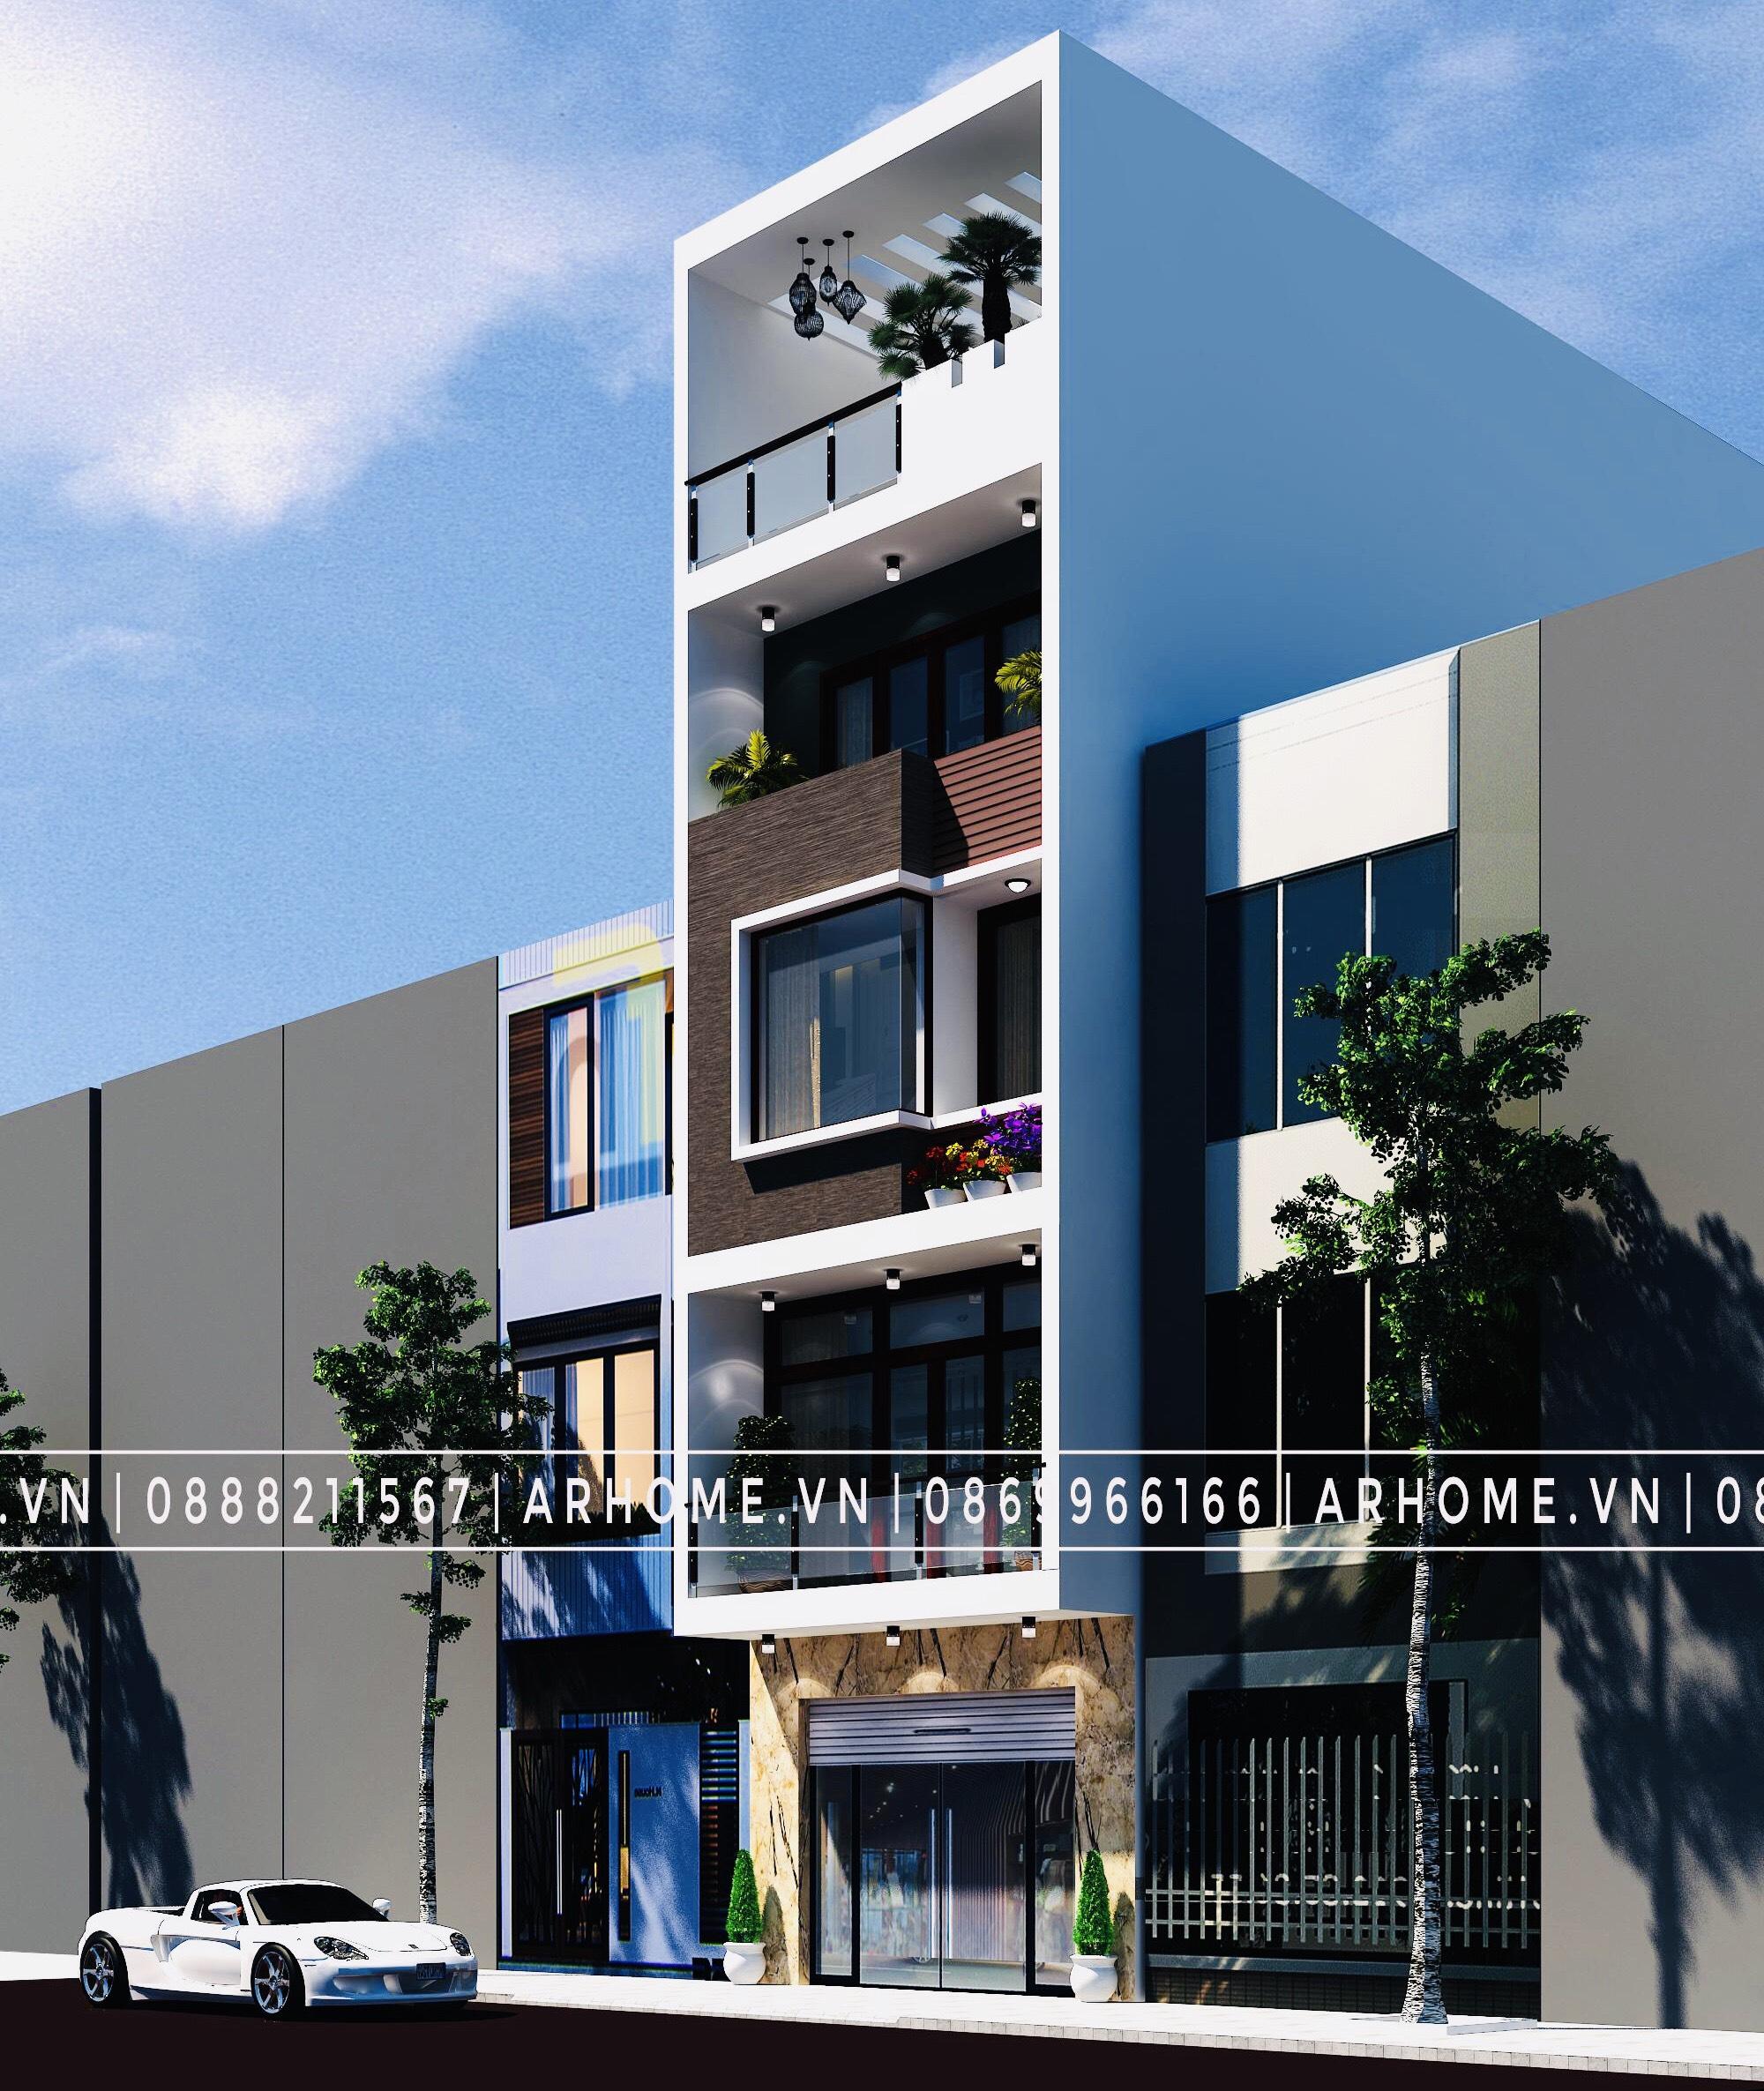 Khám phá ngay 4 mẫu nhà ở kết hợp kinh doanh được ưa chuộng nhất năm 2021